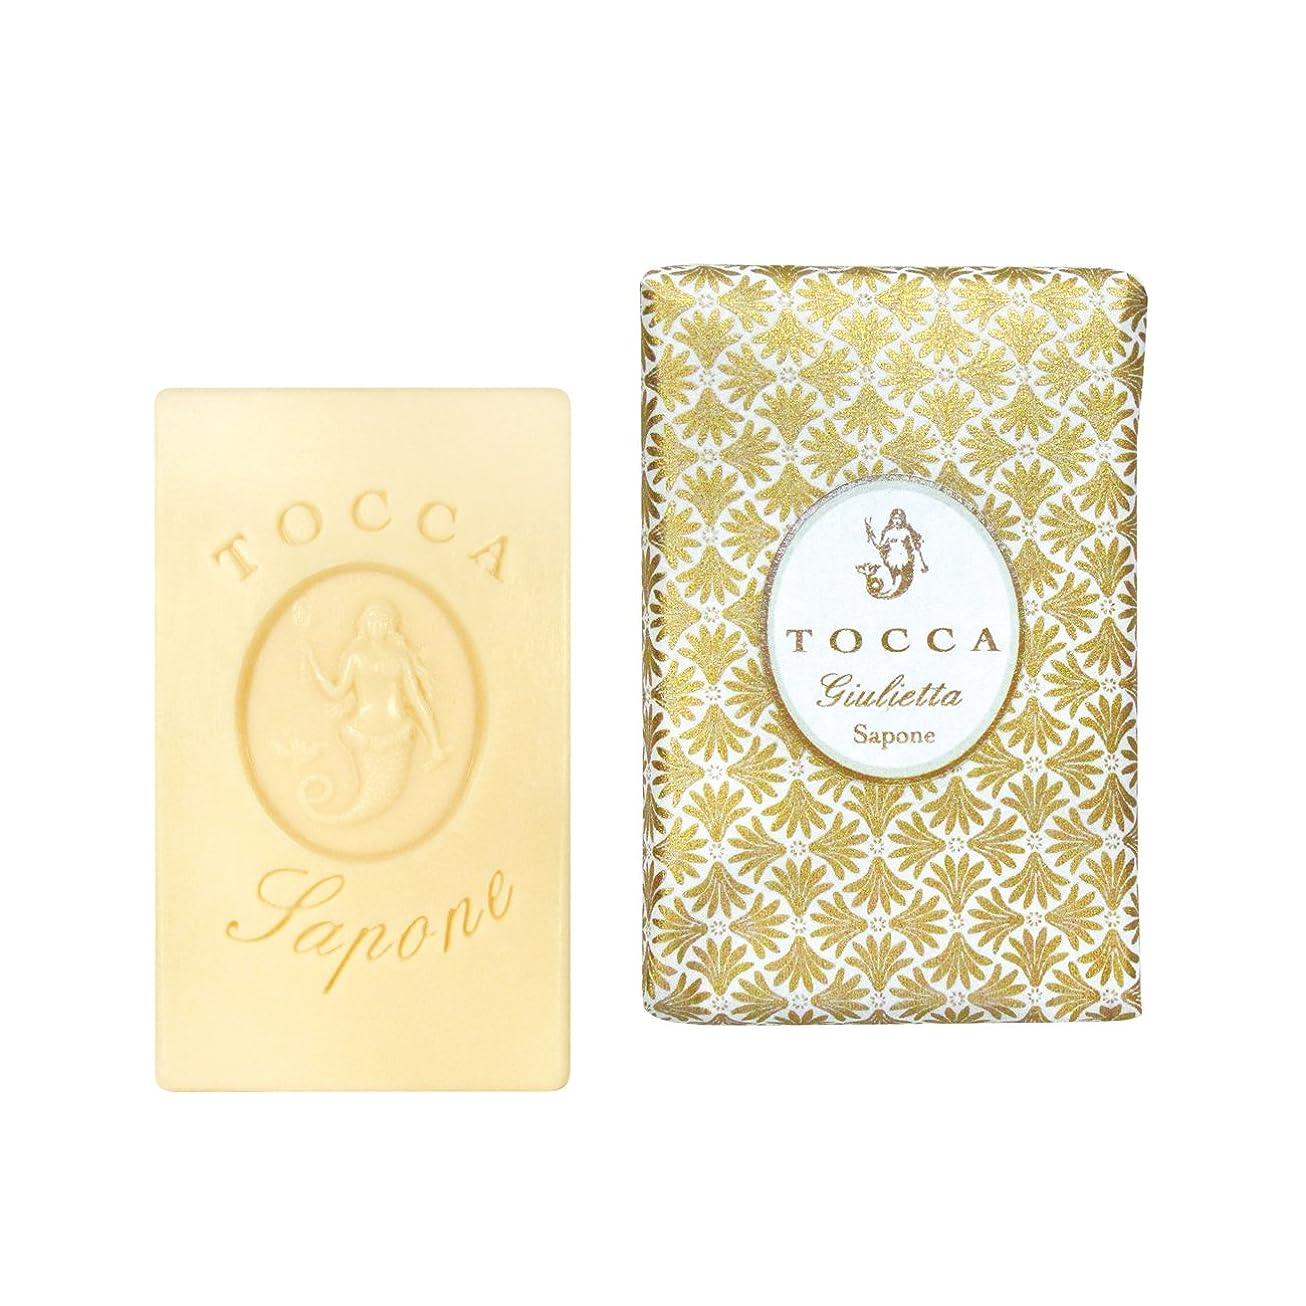 過激派好色な定数トッカ(TOCCA) ソープバー ジュリエッタの香り 113g(化粧石けん ピンクチューリップとグリーンアップルの爽やかで甘い香り)